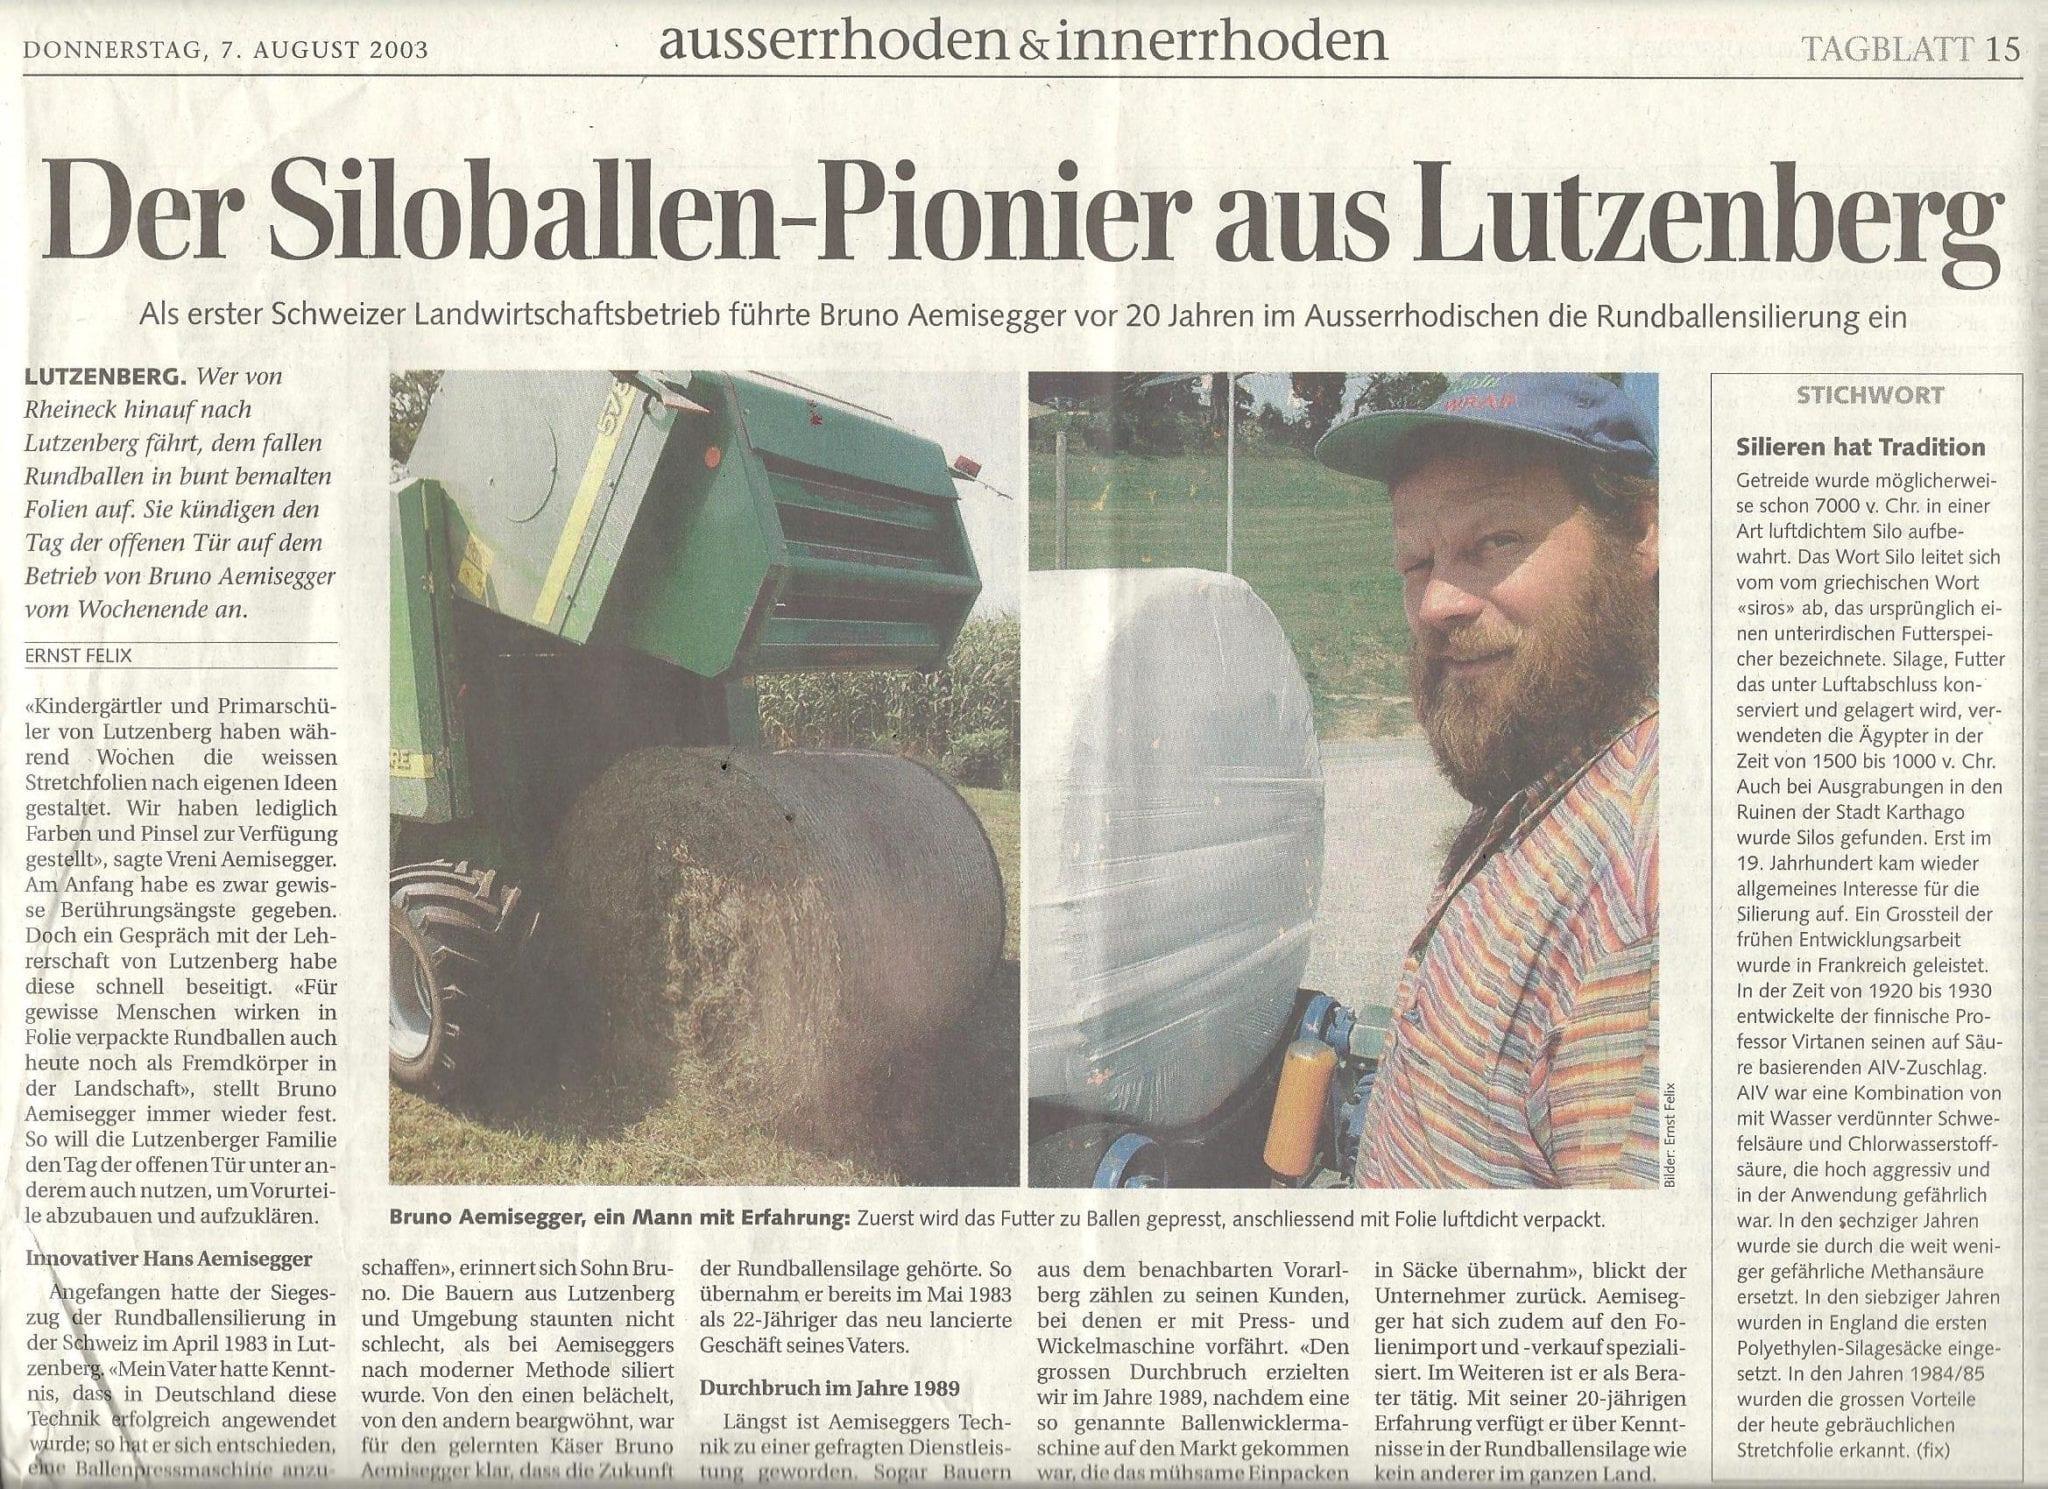 DER SILOBALLEN-PIONIER AUS LUTZENBERG